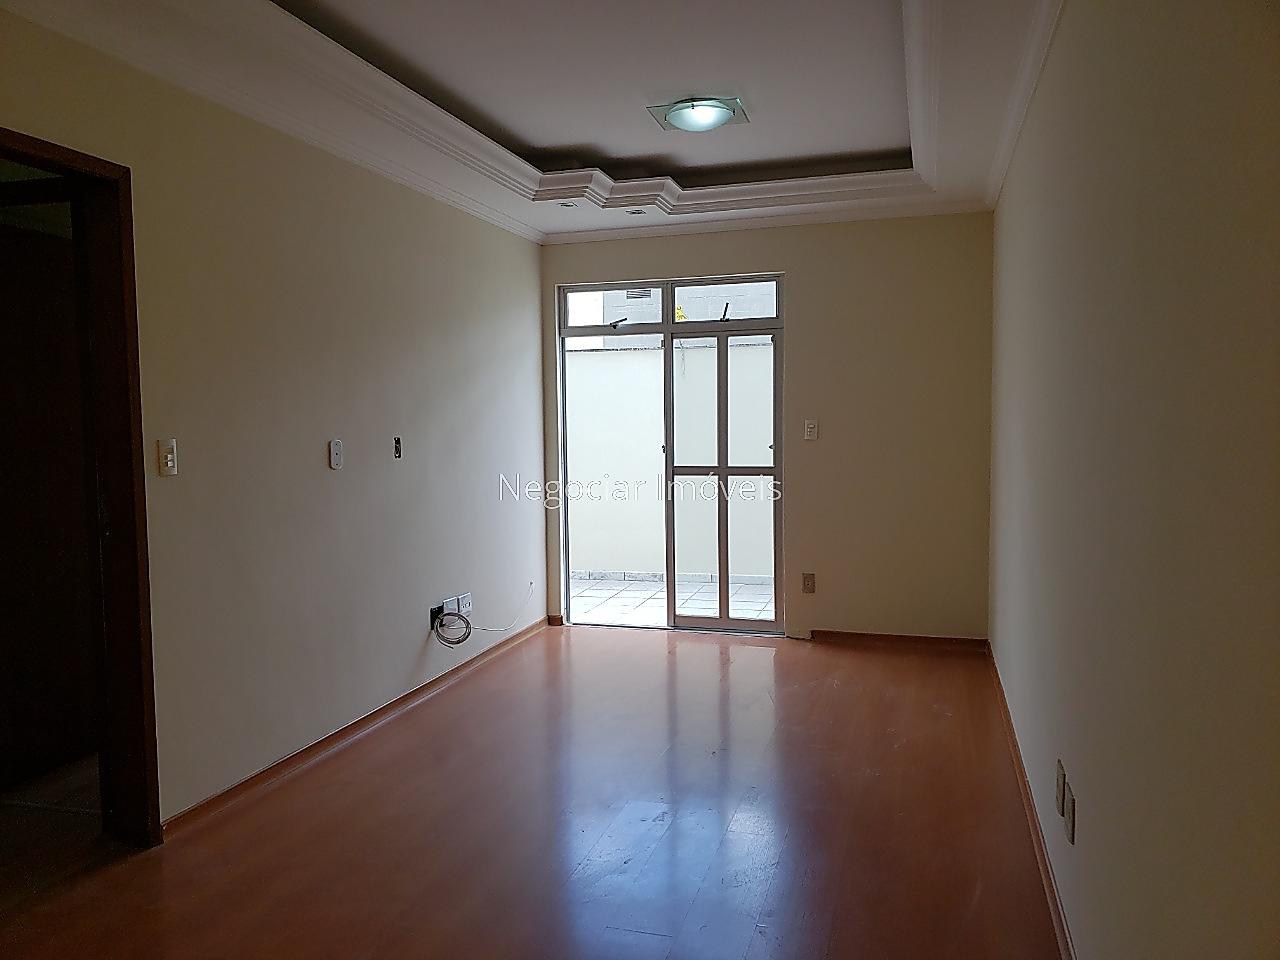 Apartamento à venda em Morro da Glória, Juiz de Fora - MG - Foto 2